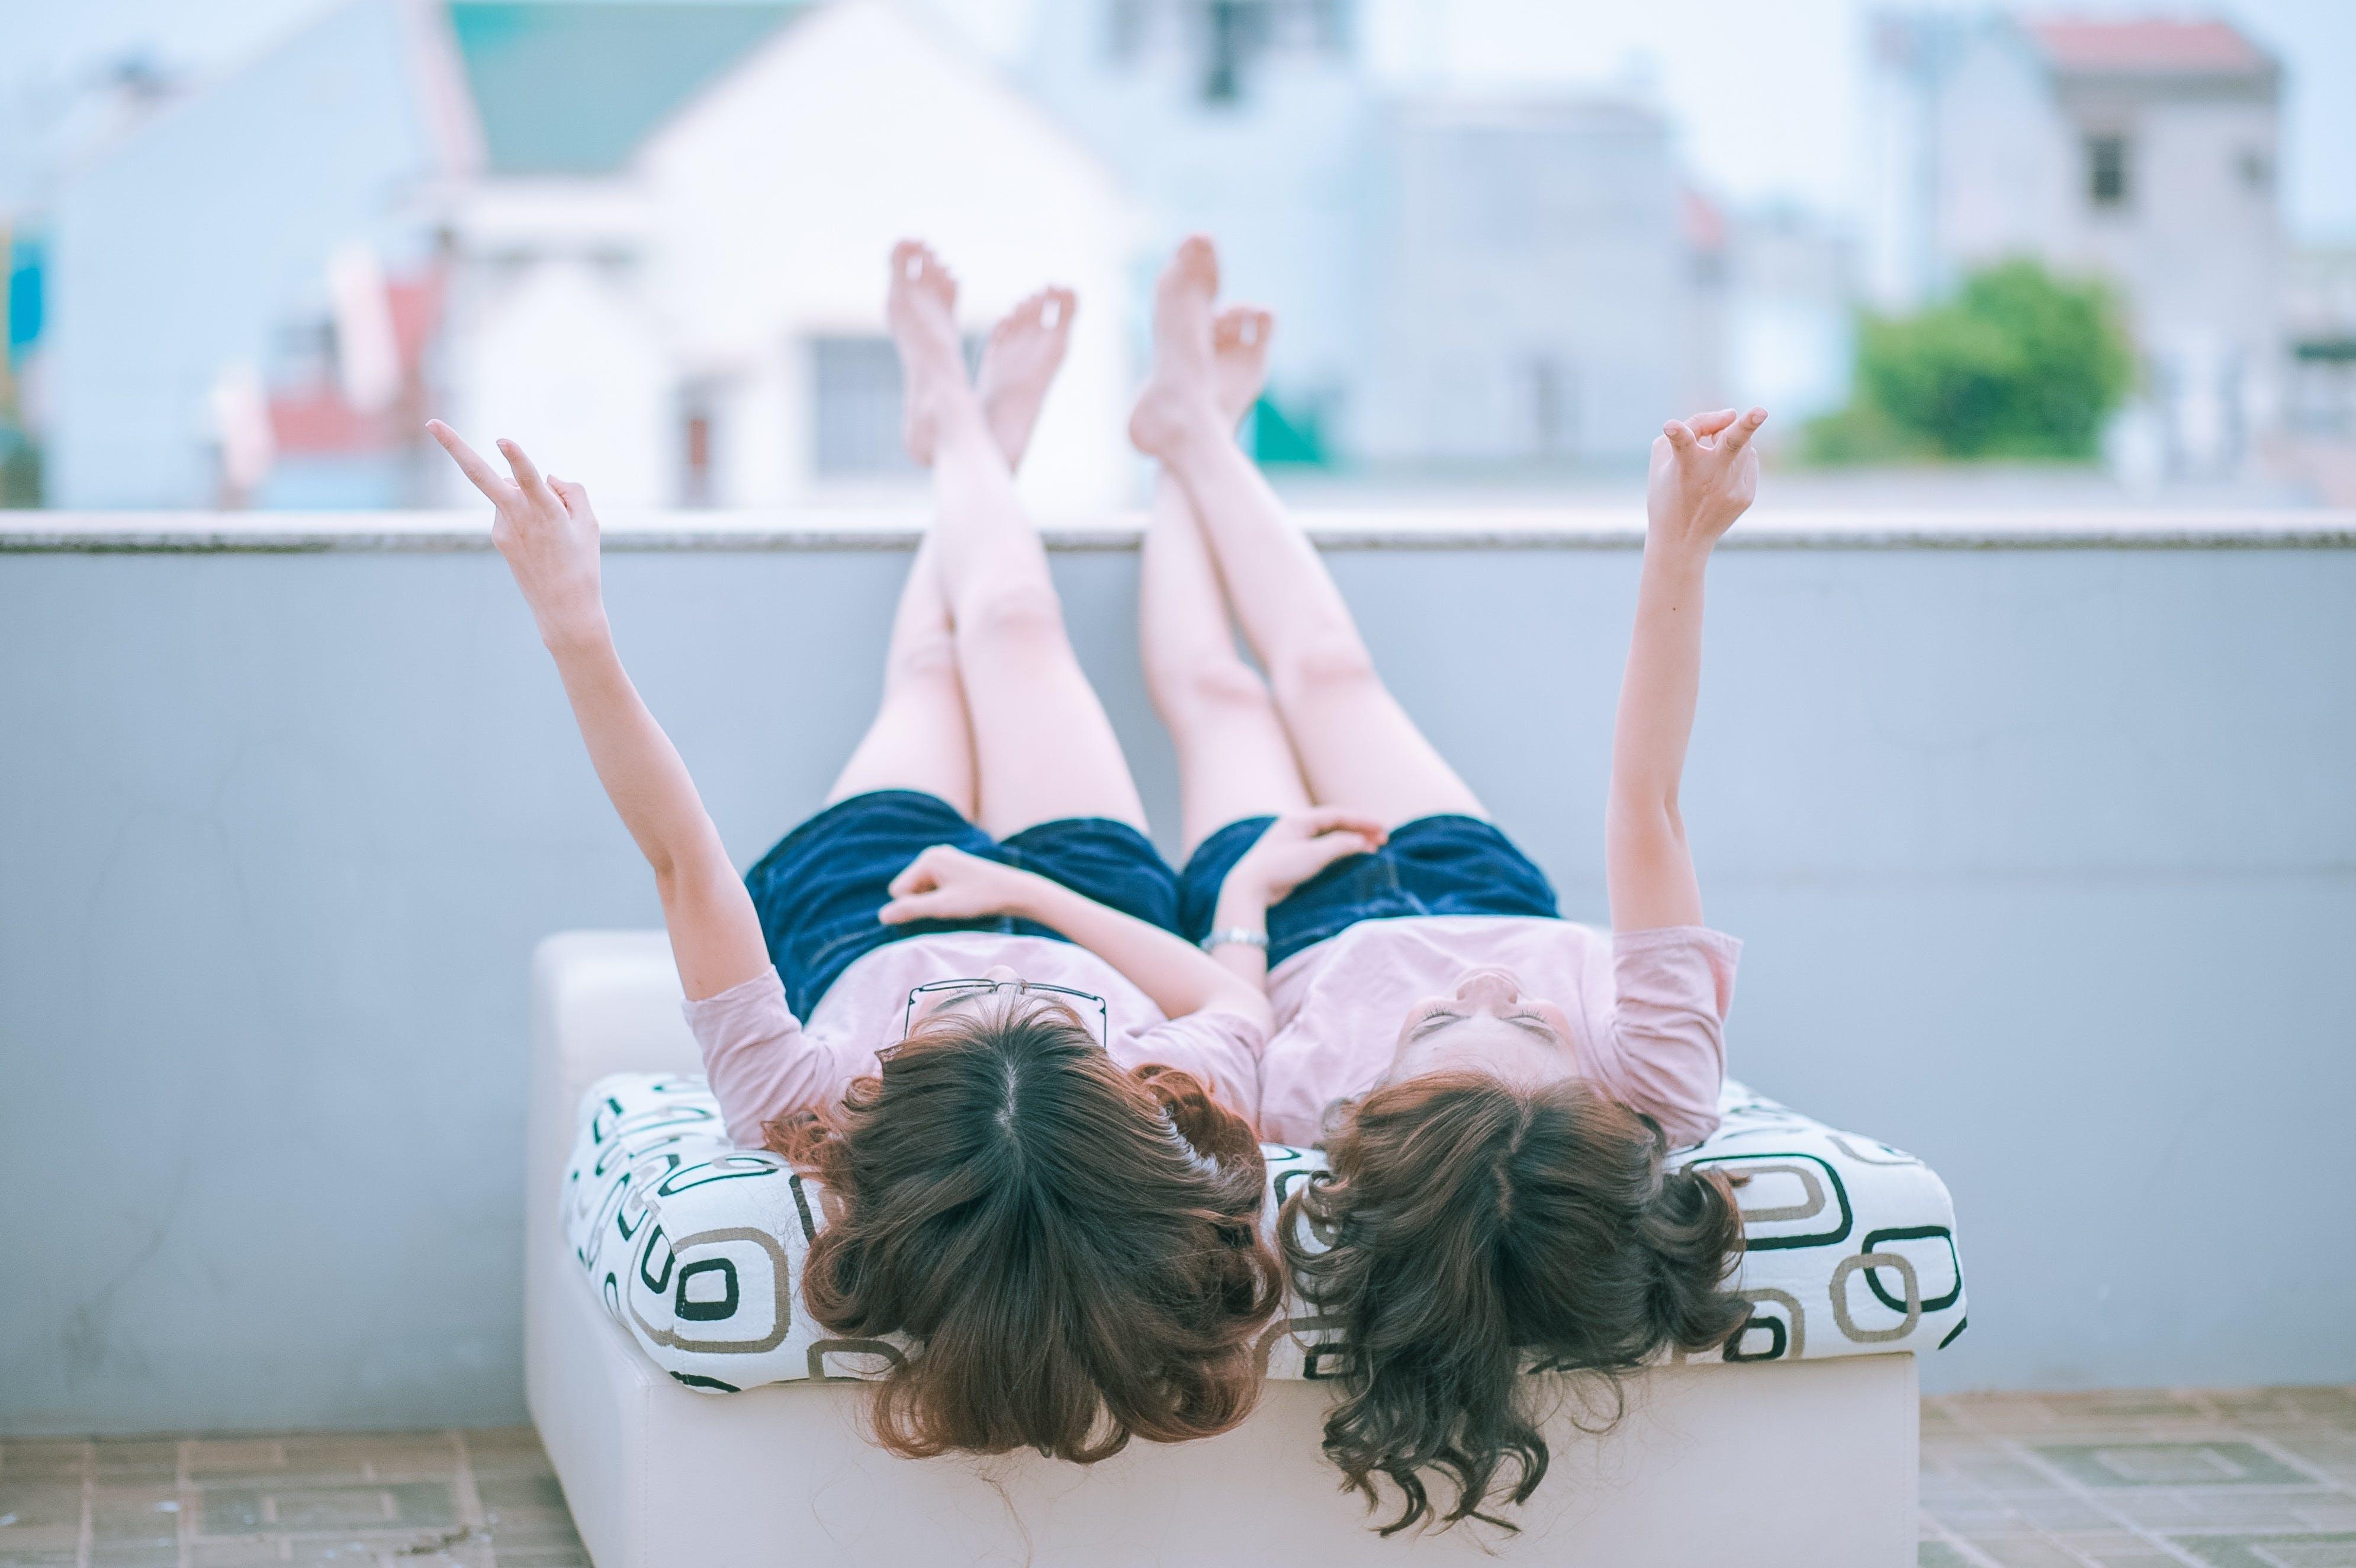 友誼, 可愛, 喜悅, 女性 的 免費圖庫相片